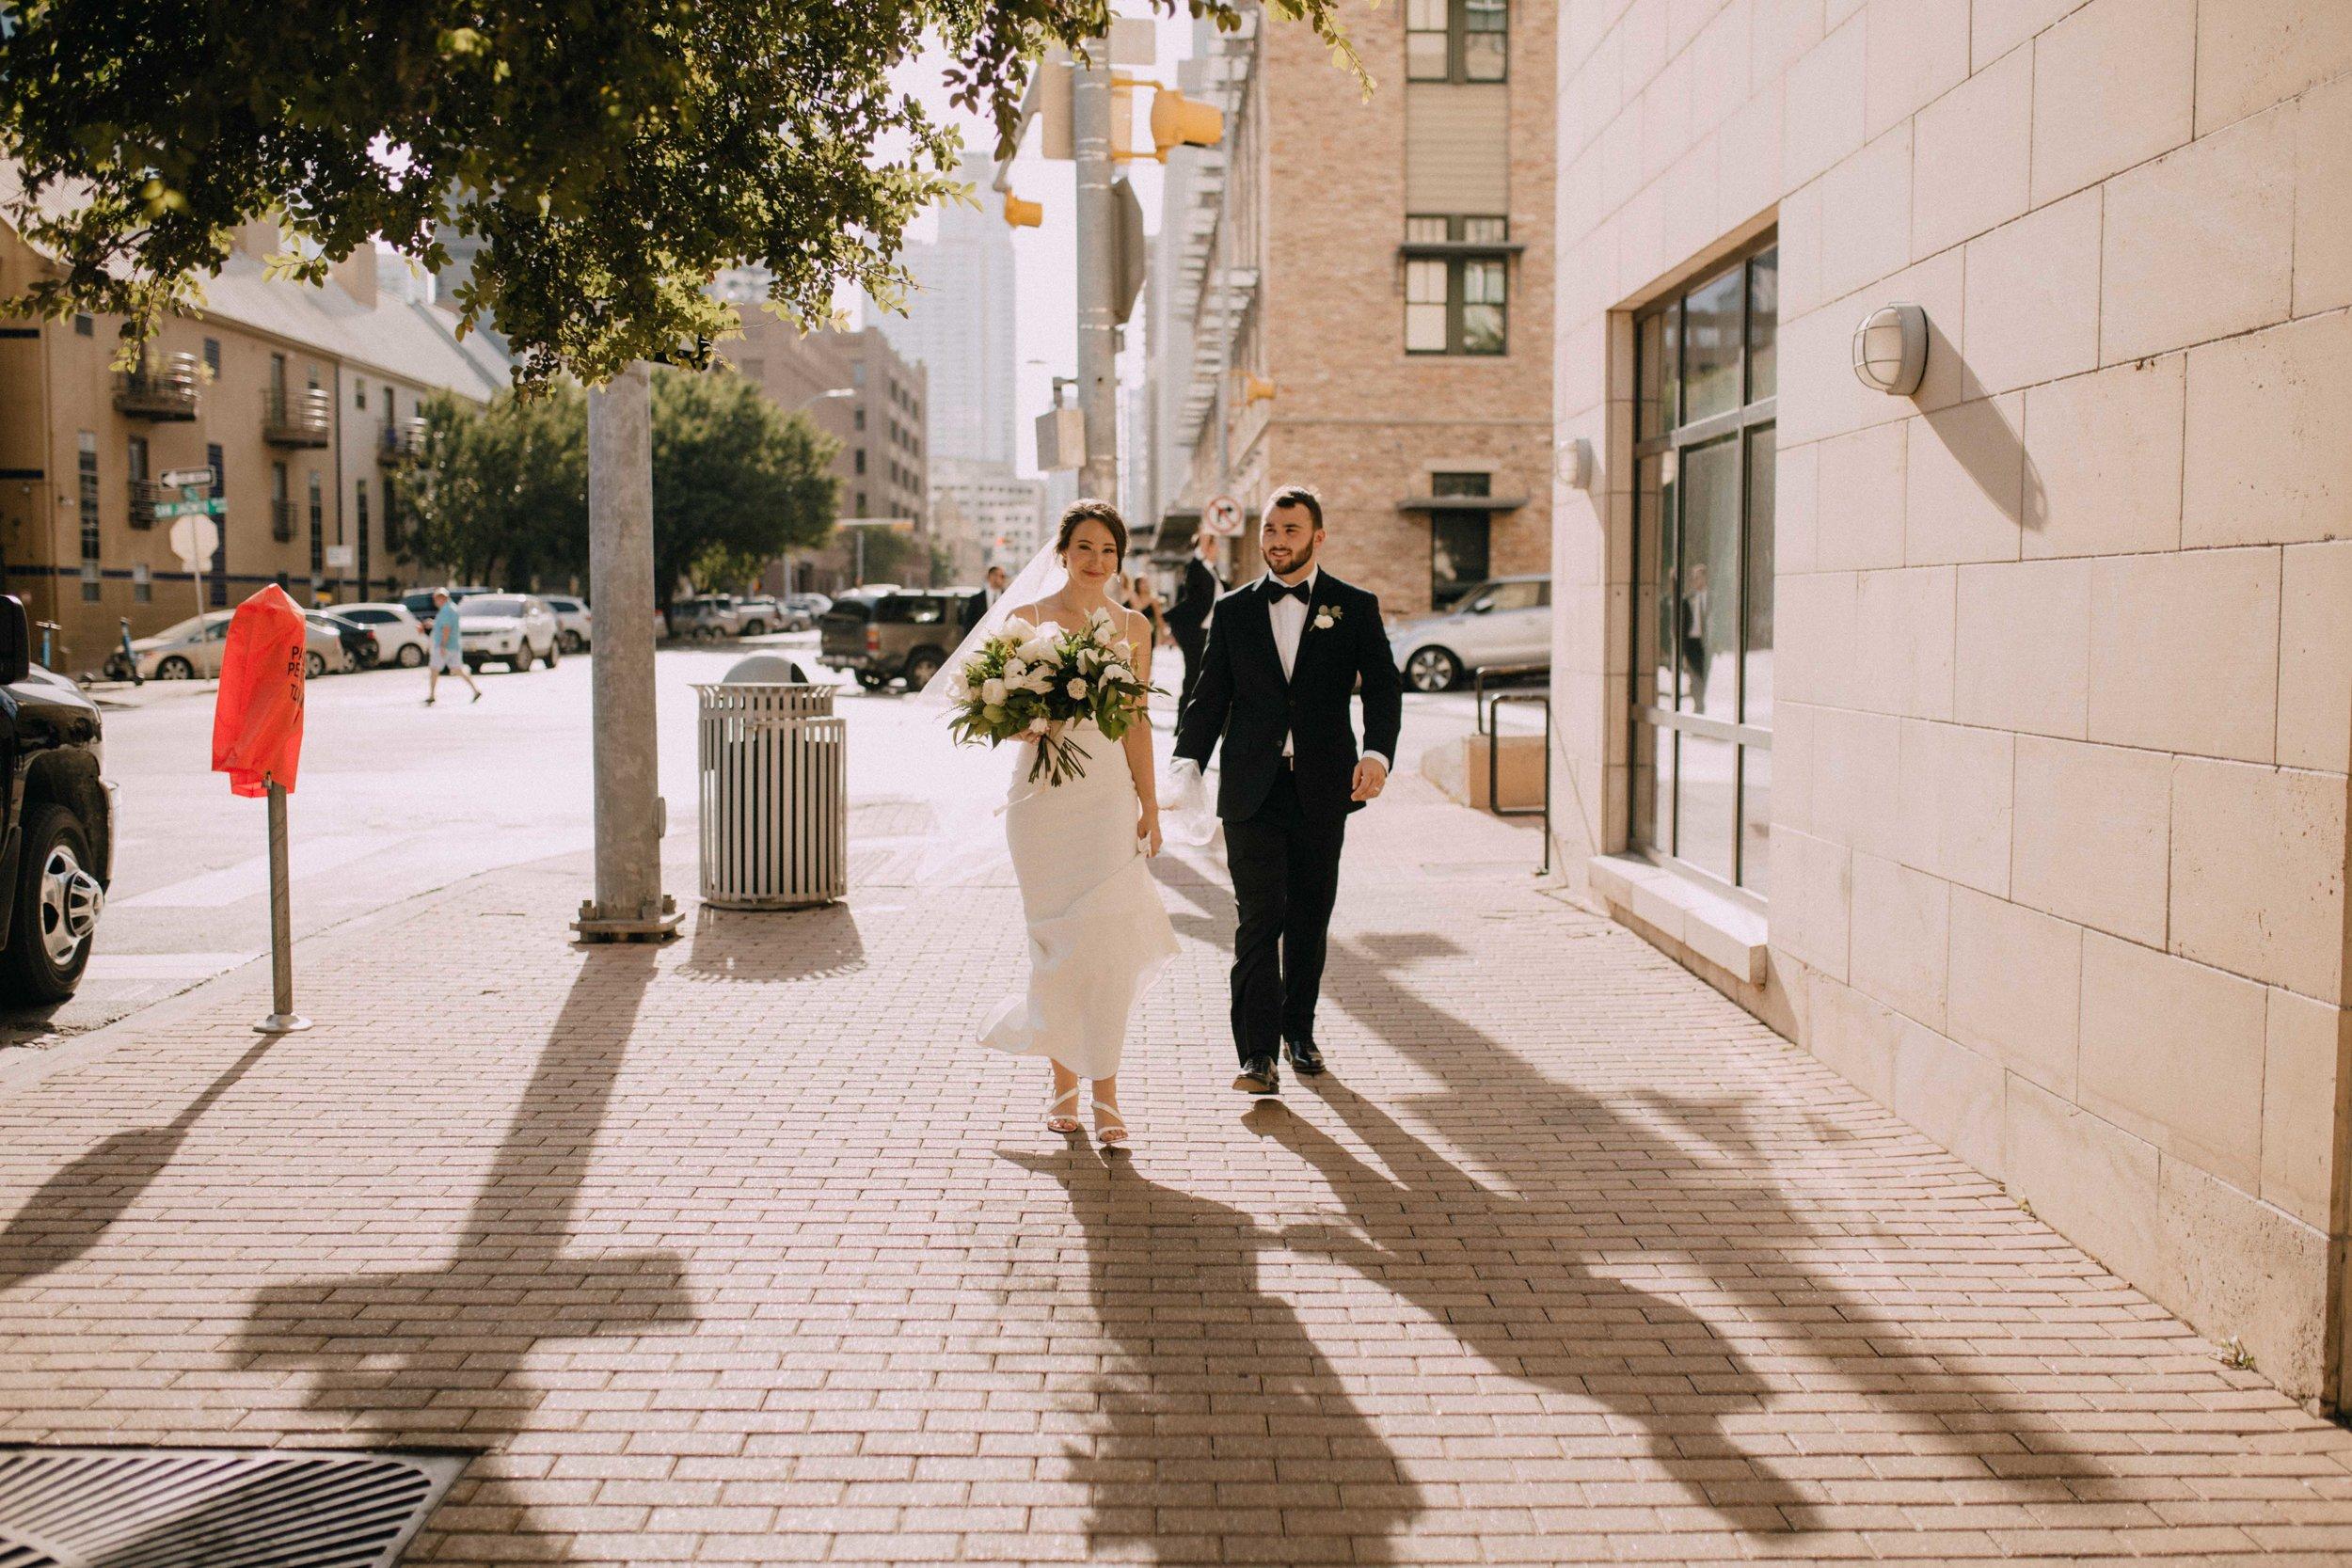 kacey sam wedding 4979.jpg